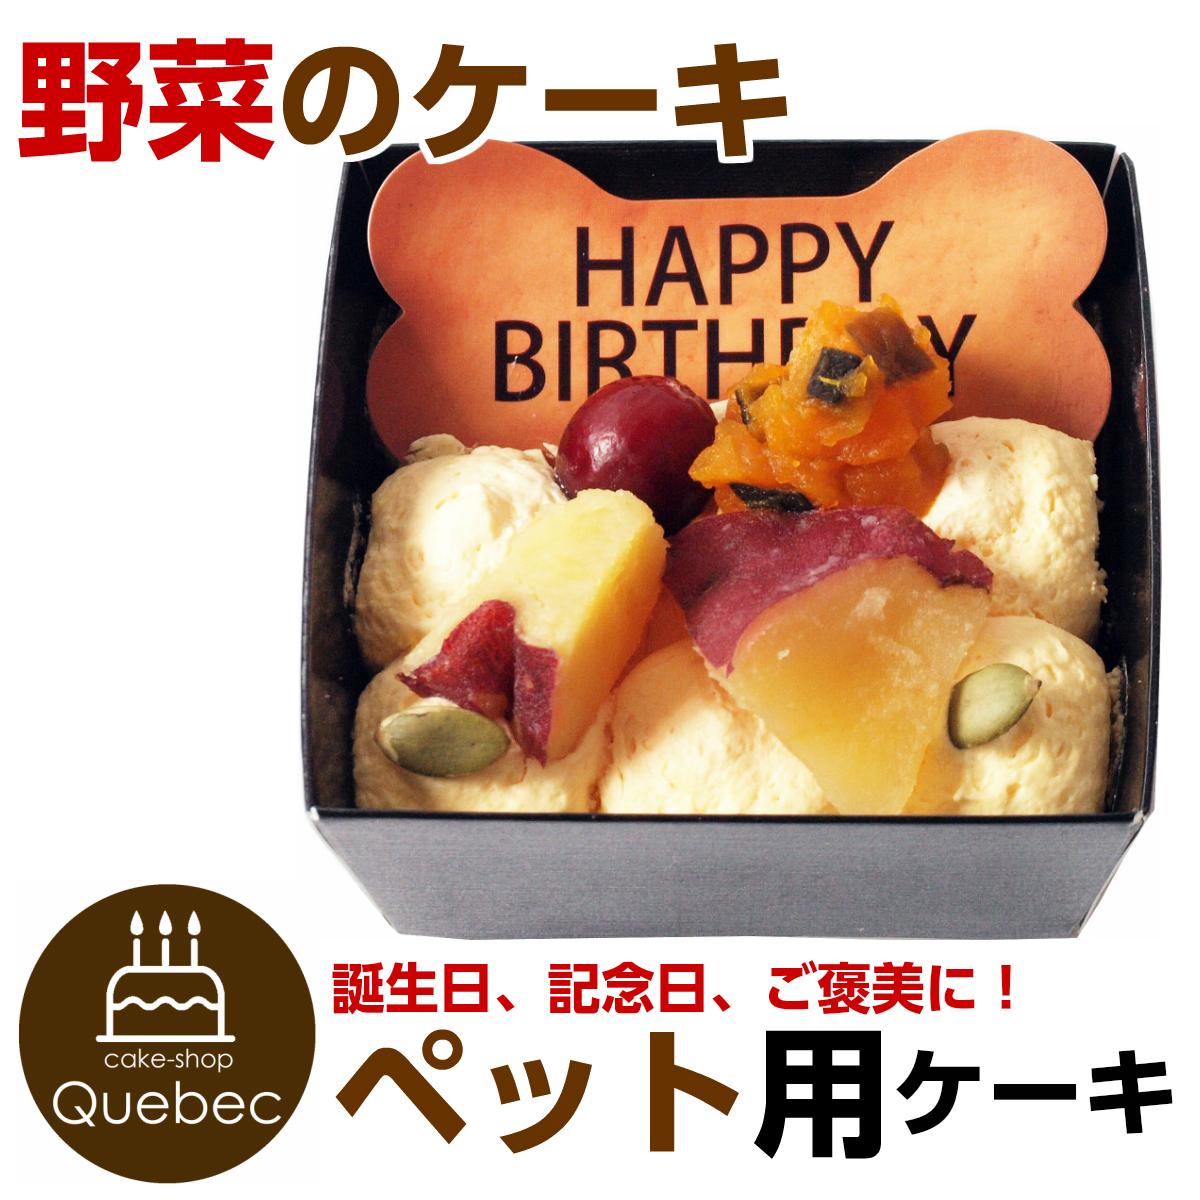 飼い主様も一緒にお召し上がりいただけるスイーツ誕生日ケーキバースデーケーキパーティケーキ 開店記念セール ペットケーキ いつでも送料無料 冷凍ケーキ コミフ 野菜のバースデーケーキ バースデーケーキ ワンちゃん用 ペット用ケーキ 犬用 誕生日ケーキ